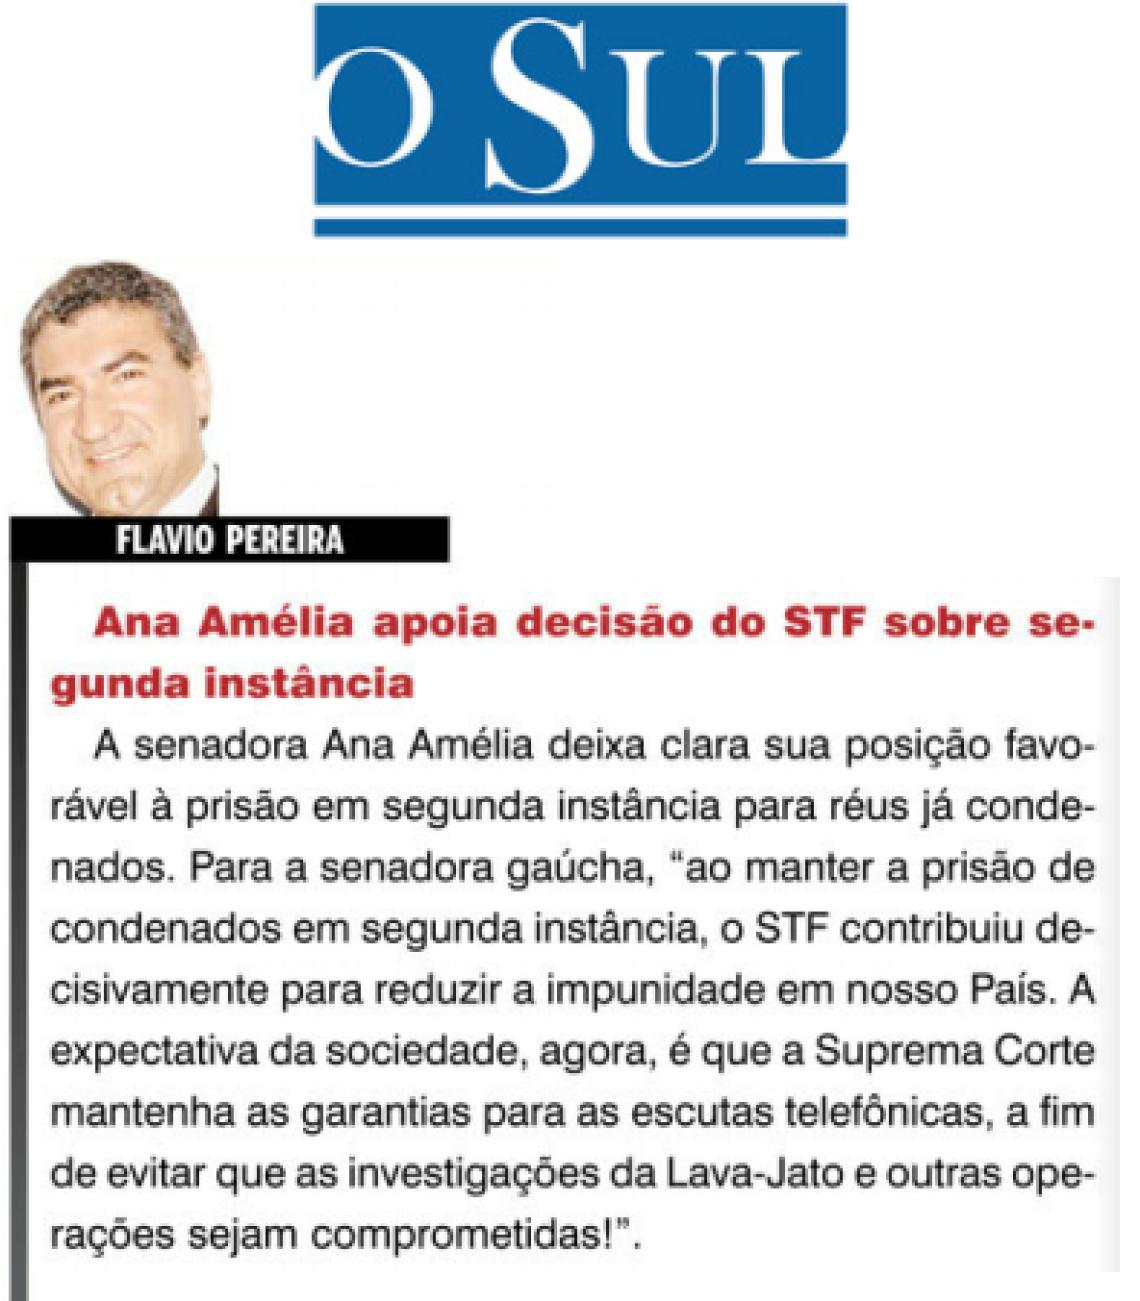 O Sul: Flavio Pereira - Ana Amélia apoia decisão do STF sobre segunda instância